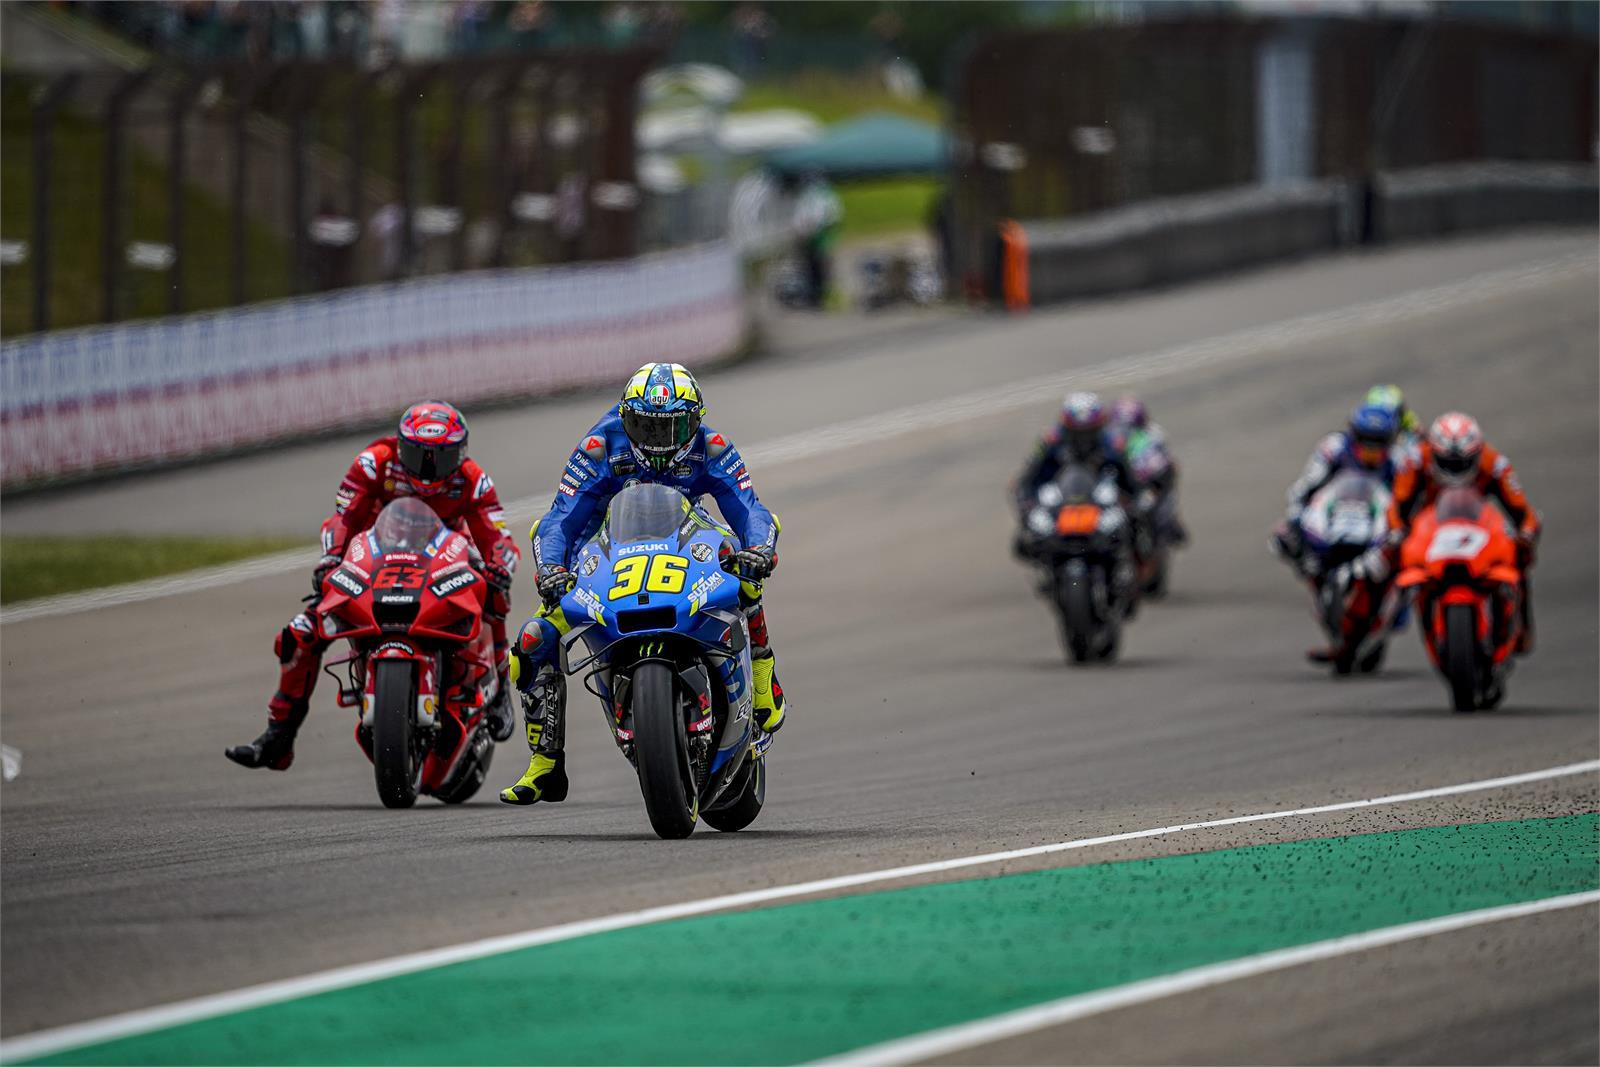 MotoGP2021 ドイツGP9位ジョアン・ミル「懸命にプッシュしたが限界だった」